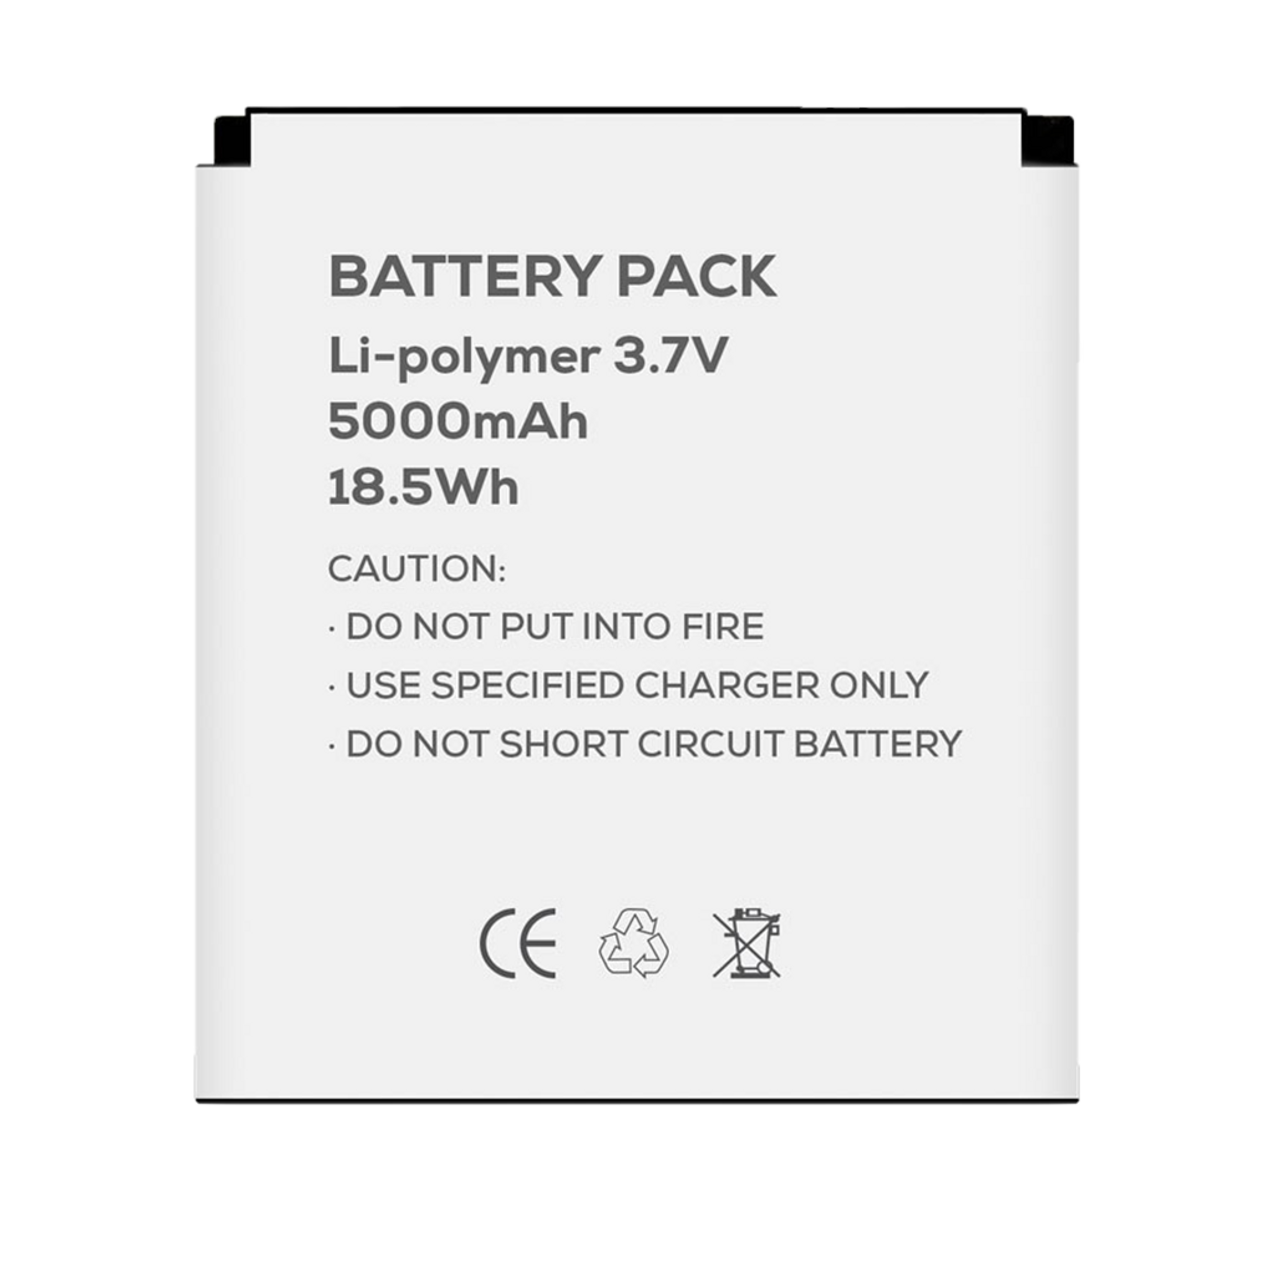 Os Aventura Gps Spare Battery